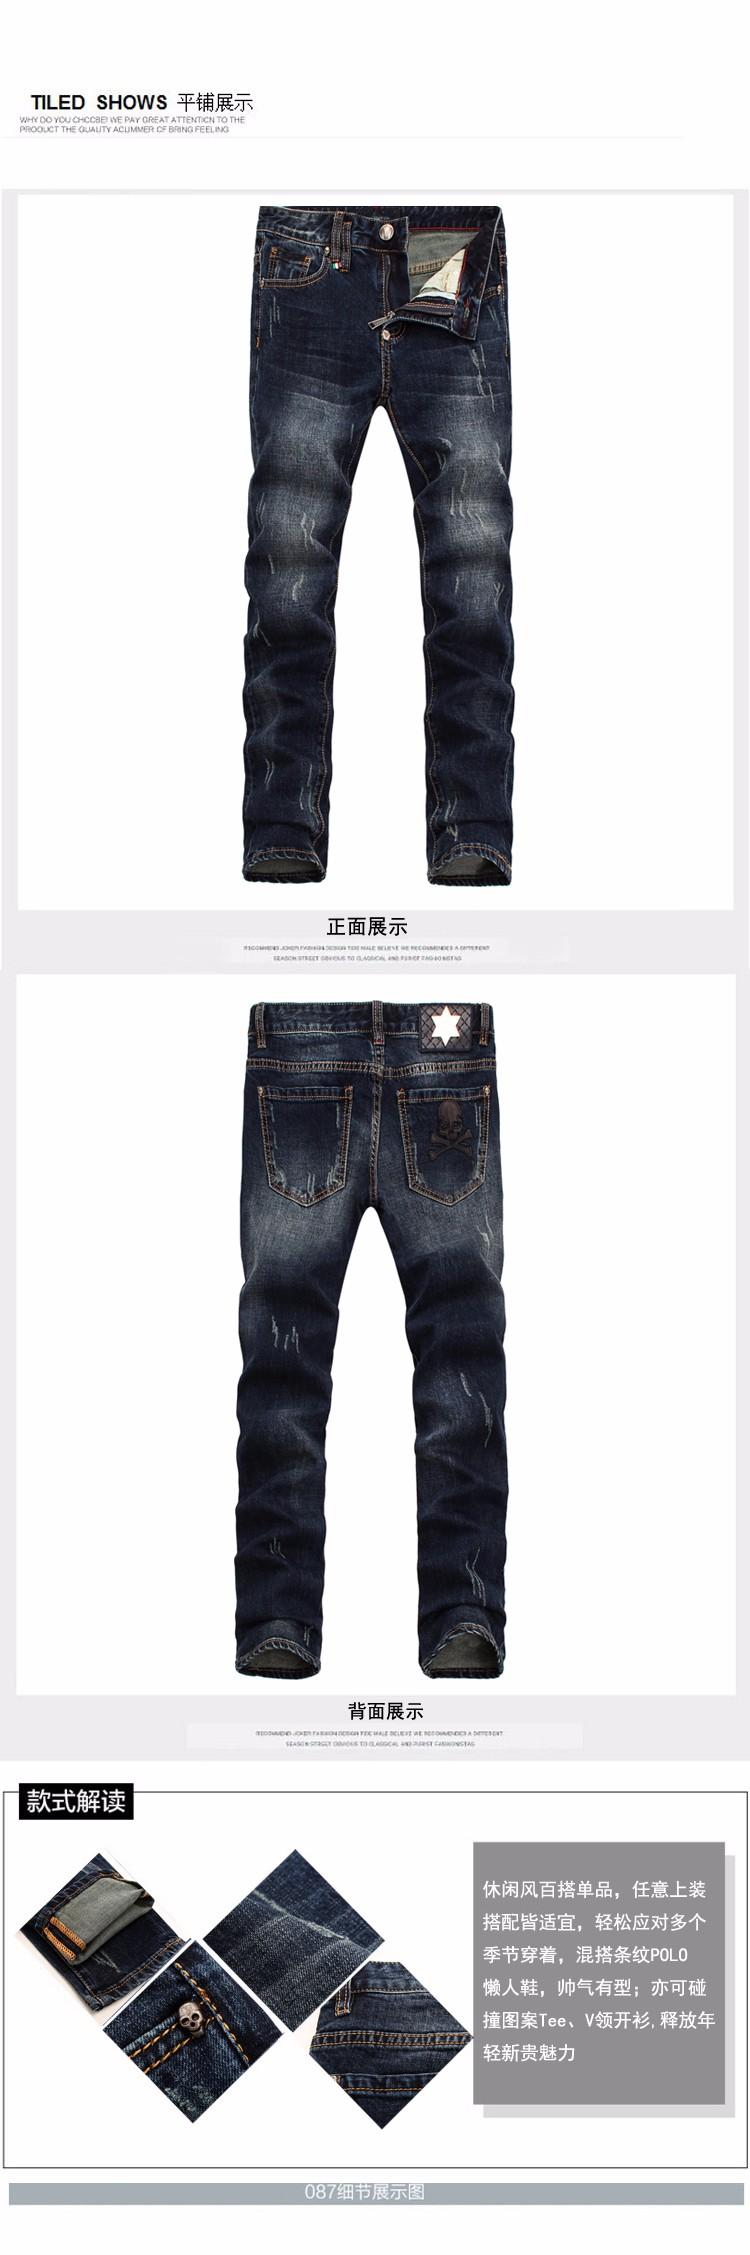 Скидки на Кошки должны быть личности мужчина Джинсы мужчин Повседневная брюки новый бренд брюки прямые брюки дизайнер мальчик джинсы Маленькие ноги штаны